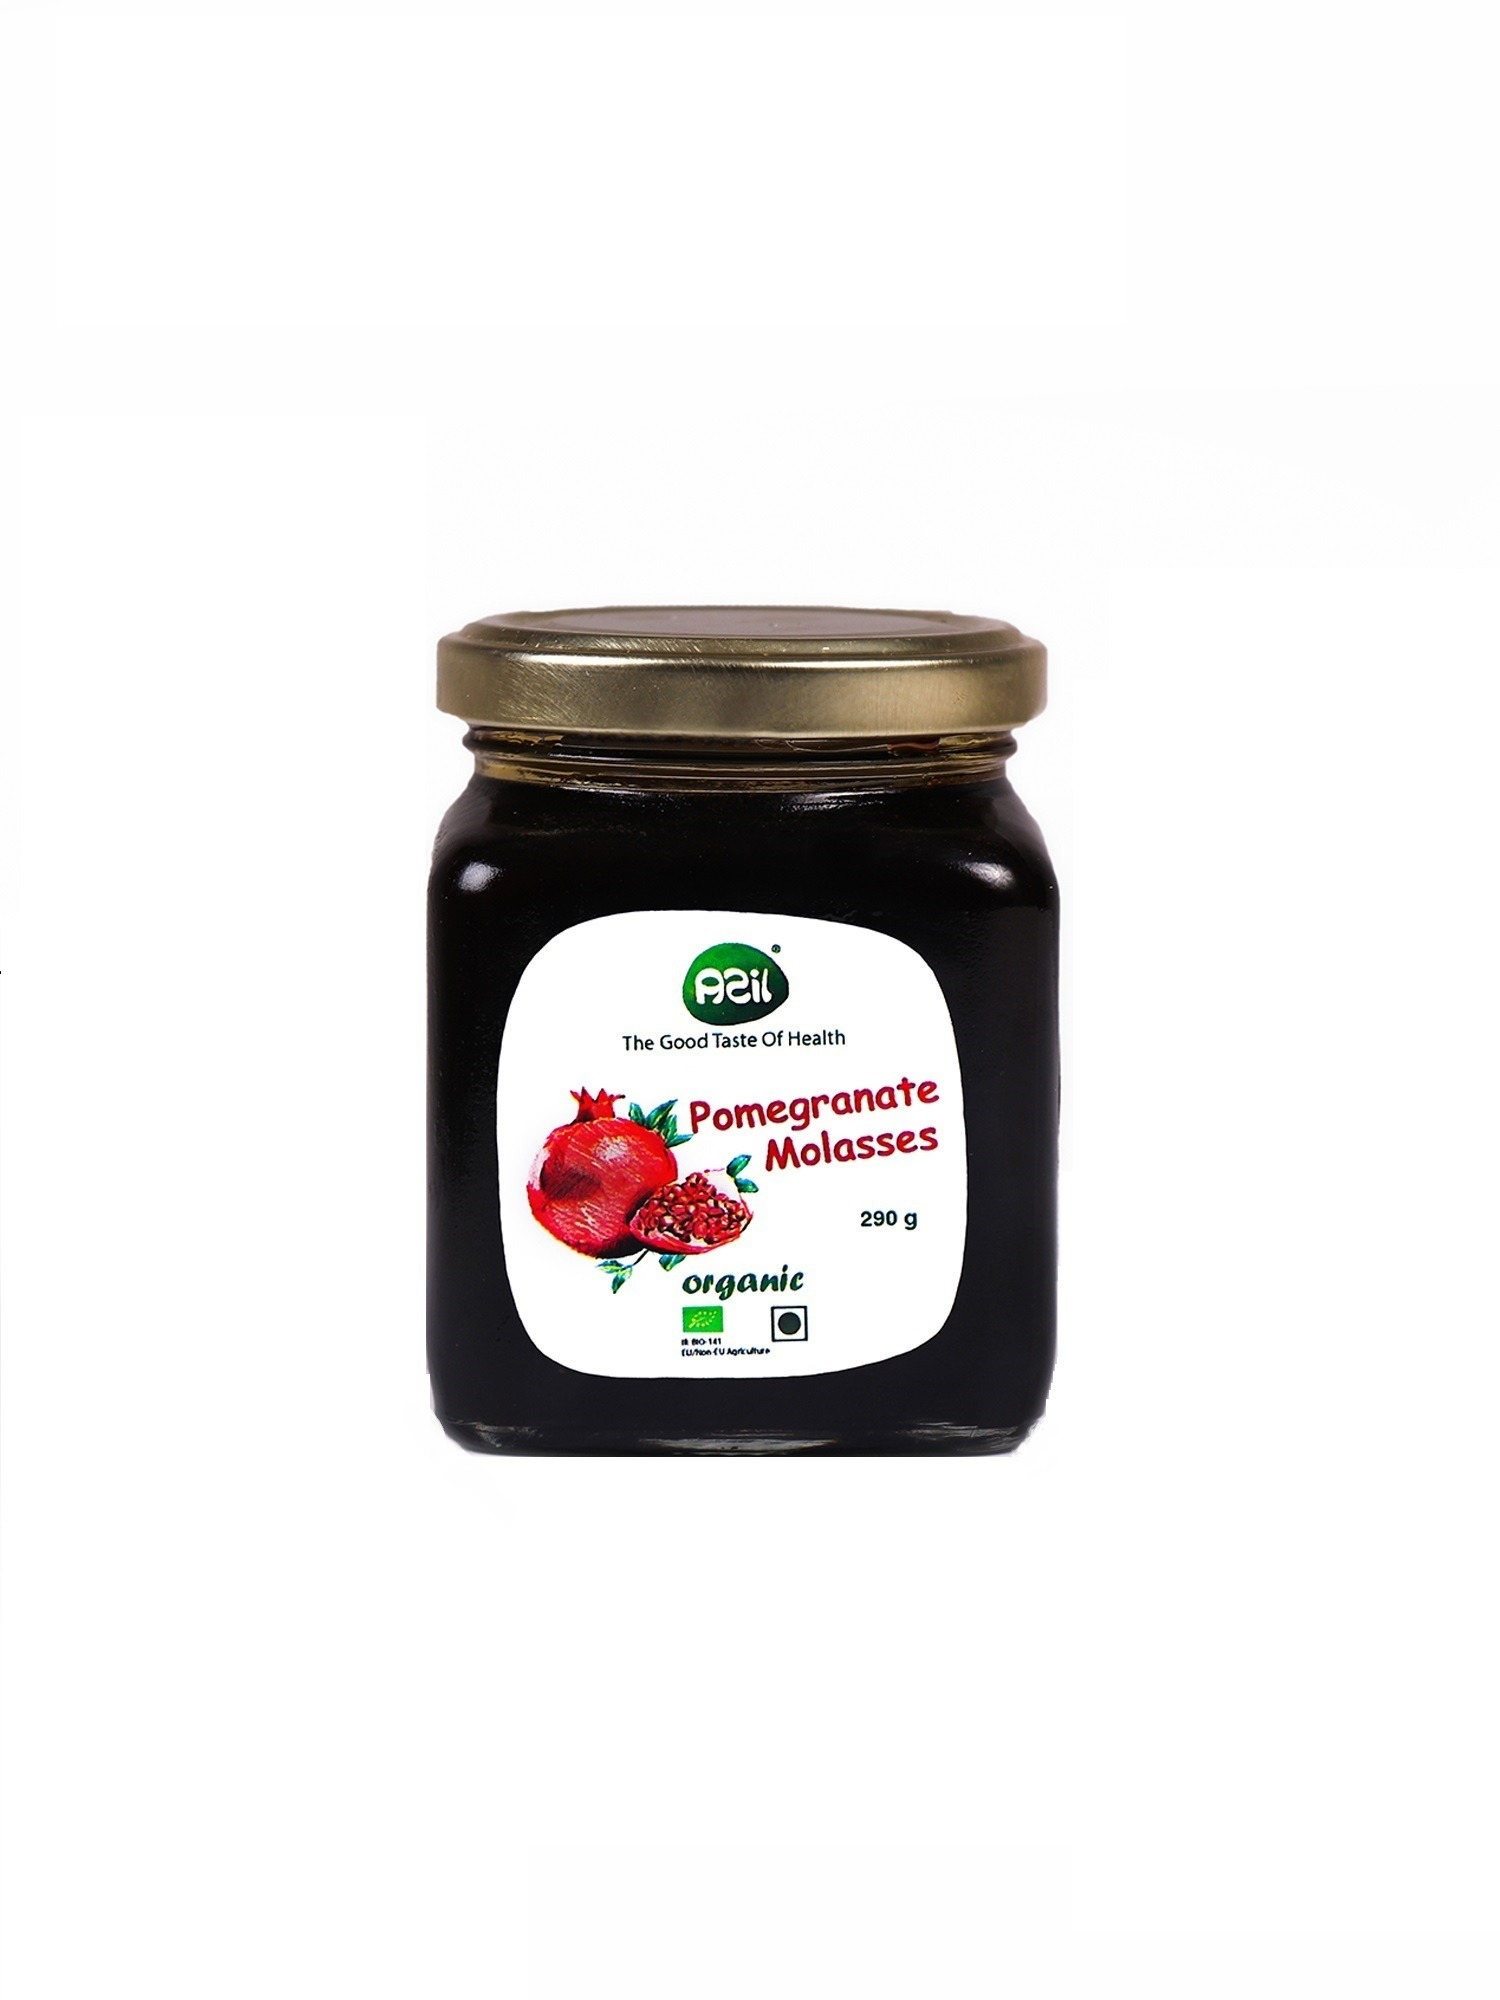 Pomegranate Molasses 1 - Azil Organic Pomegranate Molasses